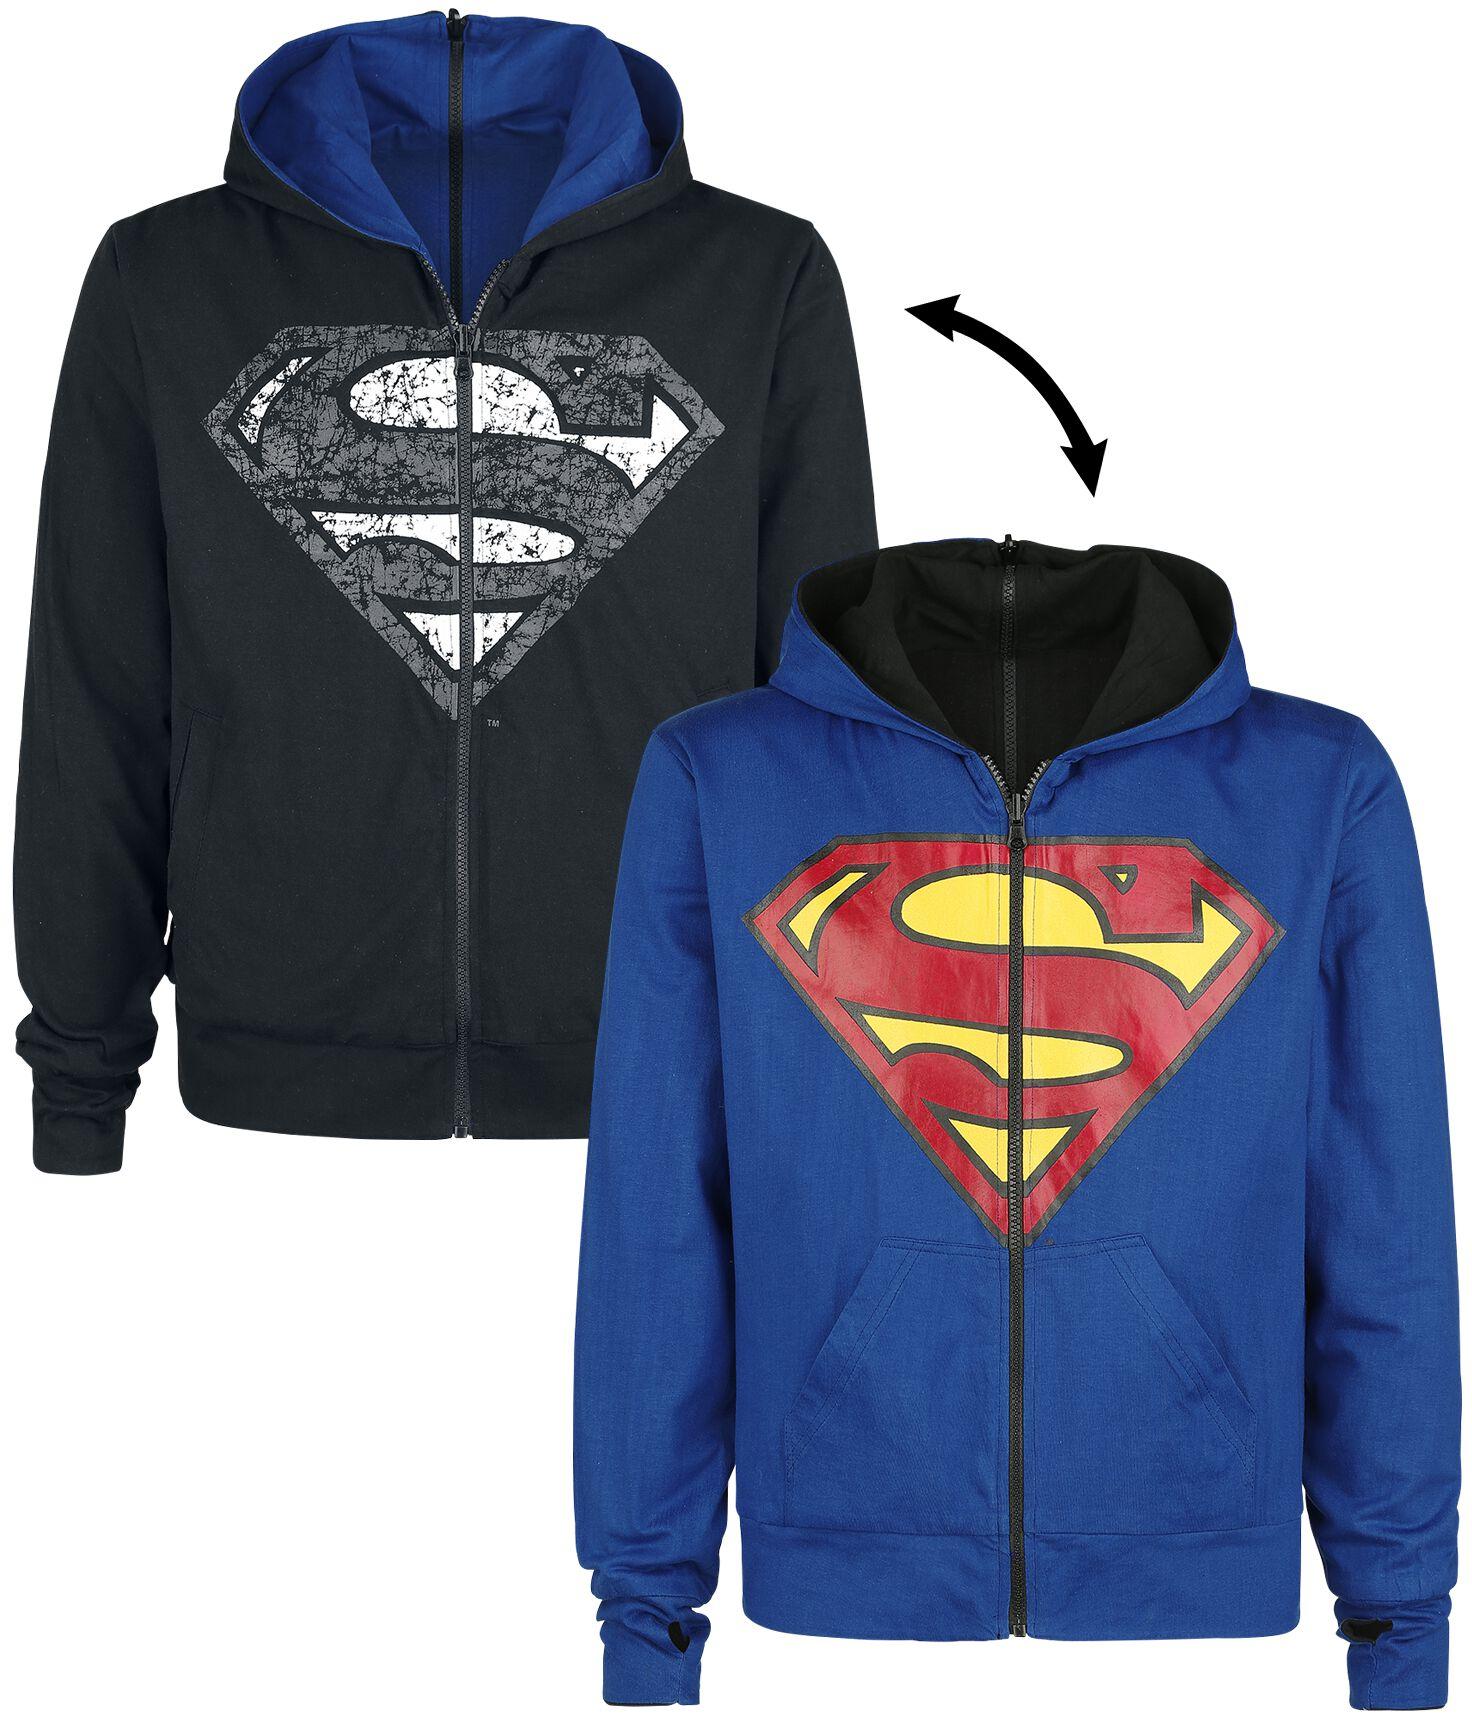 Merch dla Fanów - Bluzy z kapturem - Bluza z kapturem rozpinana Superman Shield Hood Bluza z kapturem rozpinana czarny/niebieski - 357569